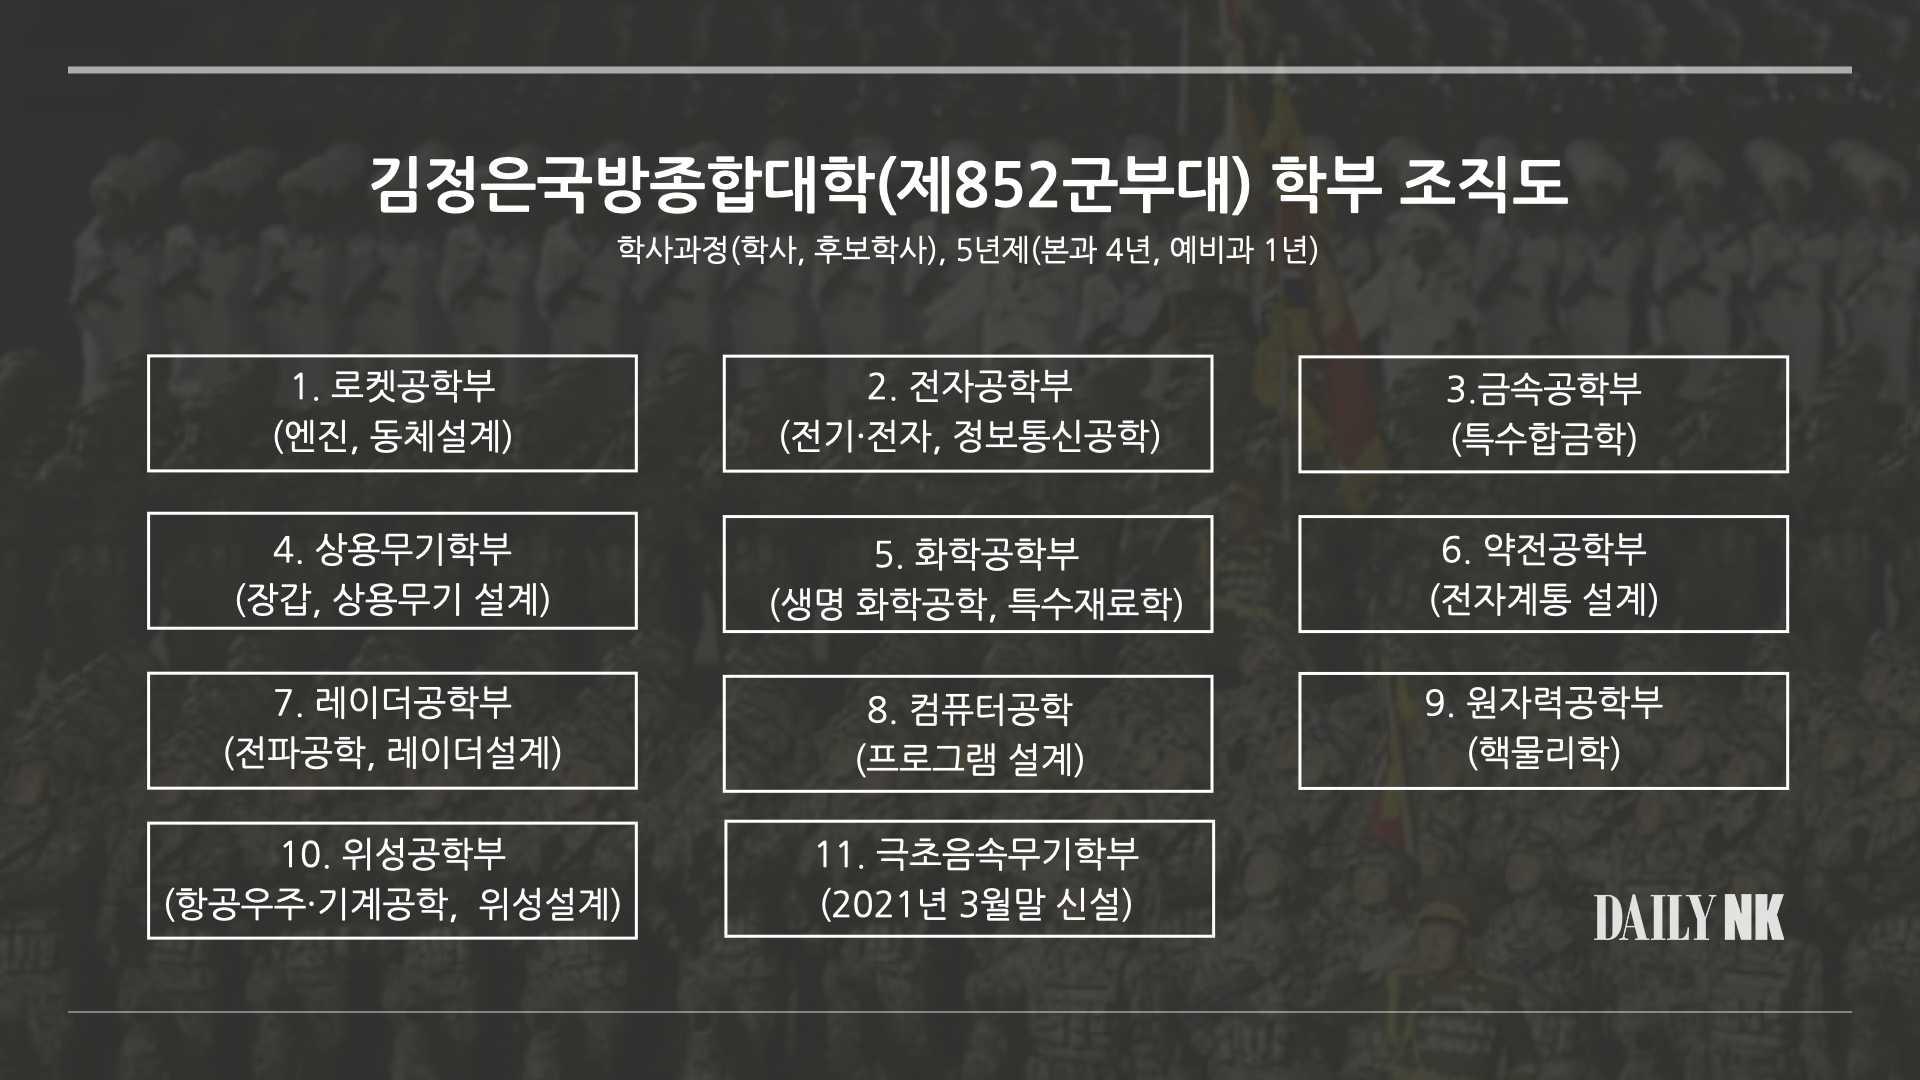 김정은종합대학학부 조직도